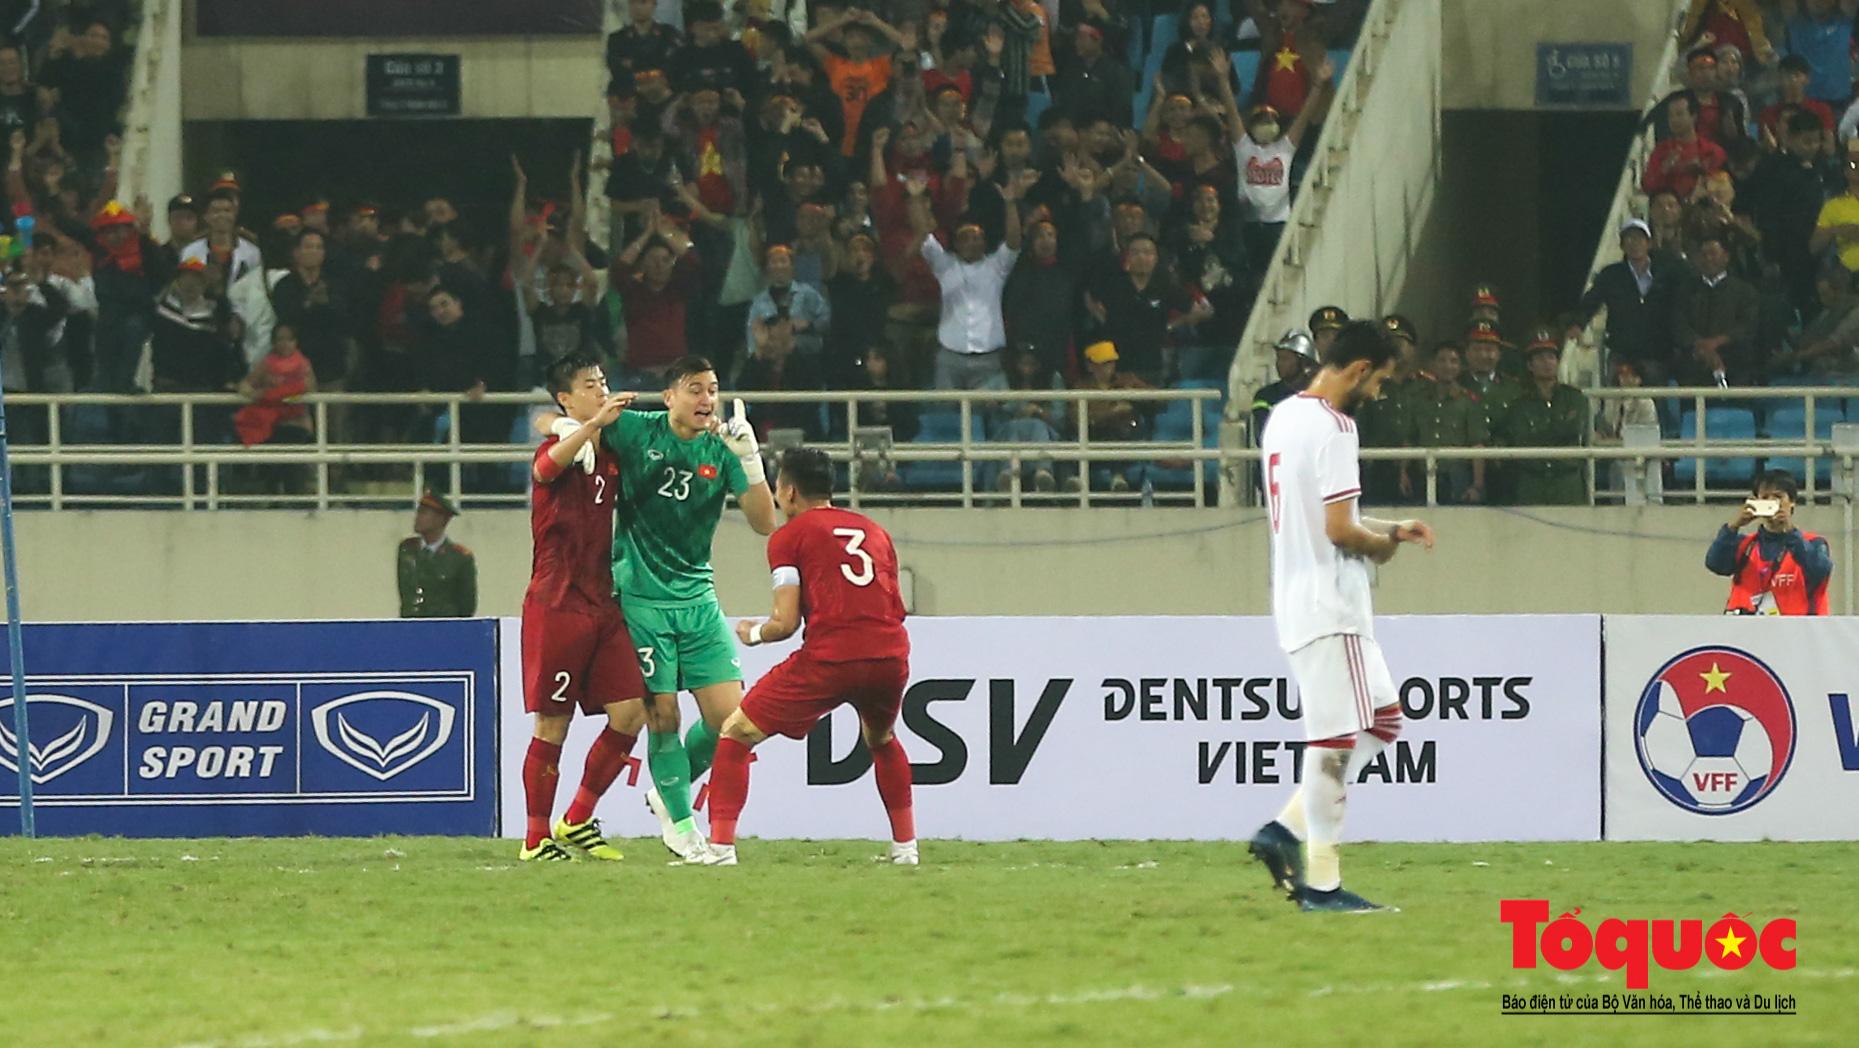 Đánh bại UAE, tuyển Việt Nam khẳng định vị thế số 1 bảng G - Ảnh 11.